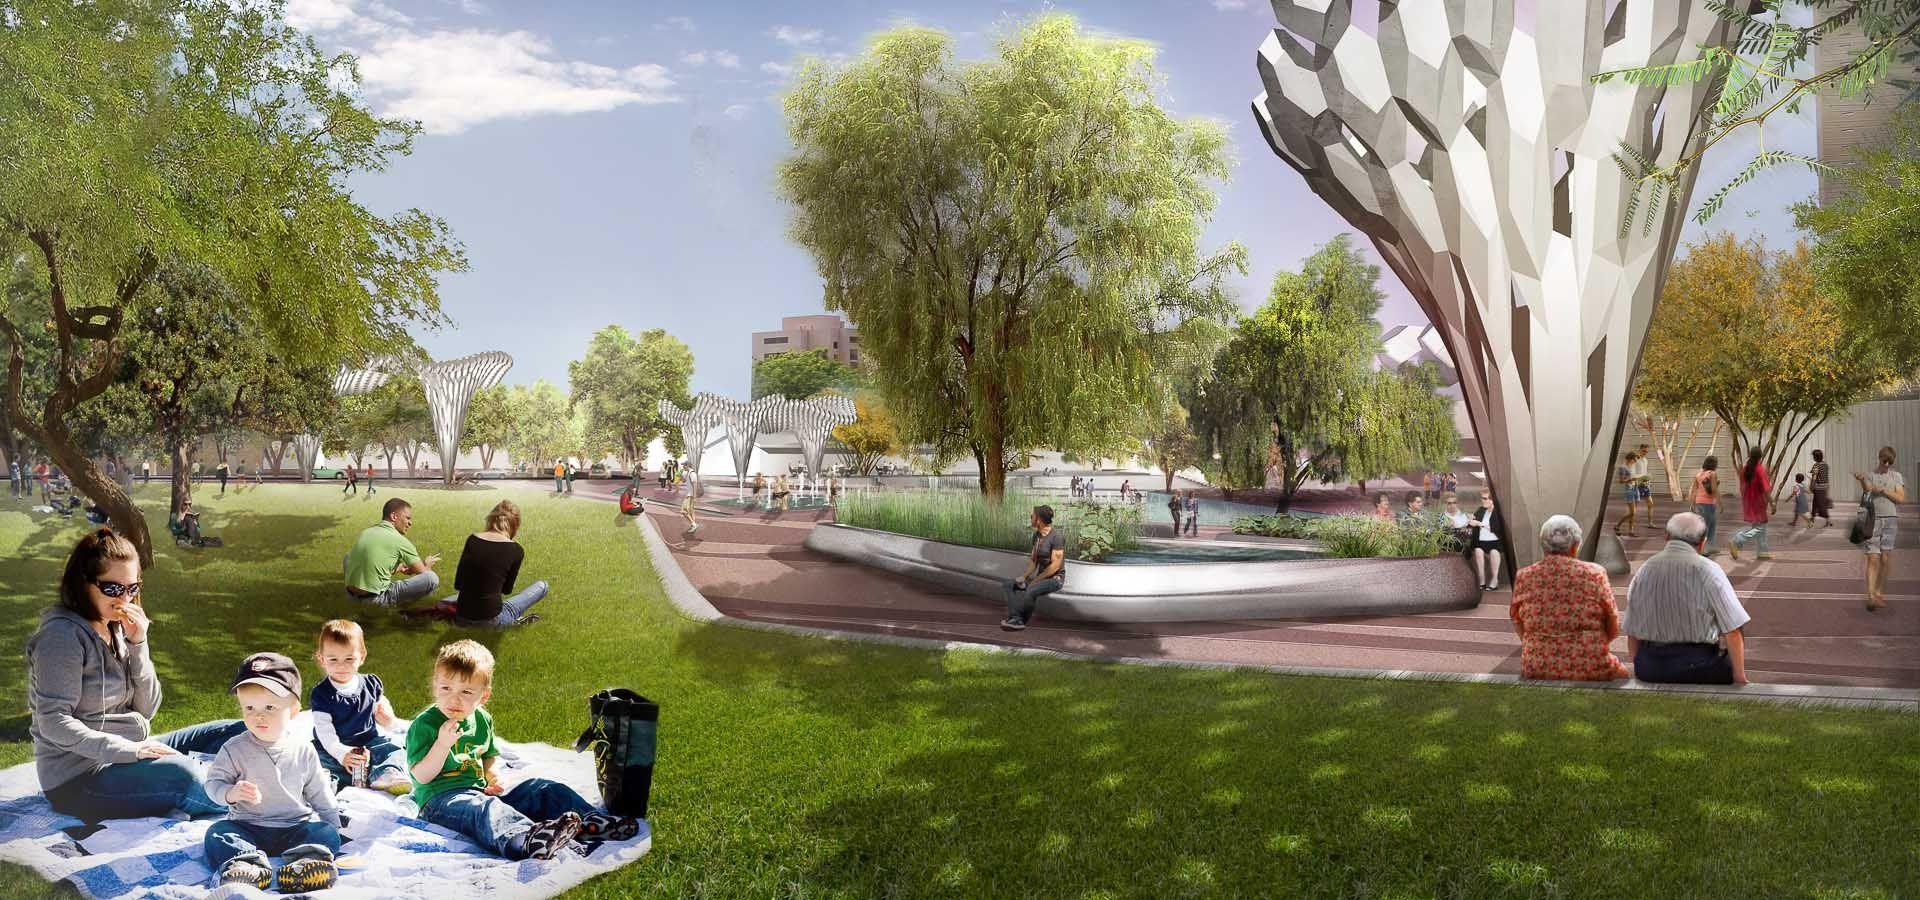 Hance Park Landscape Architecture Design Landscape Entrance Gates Design